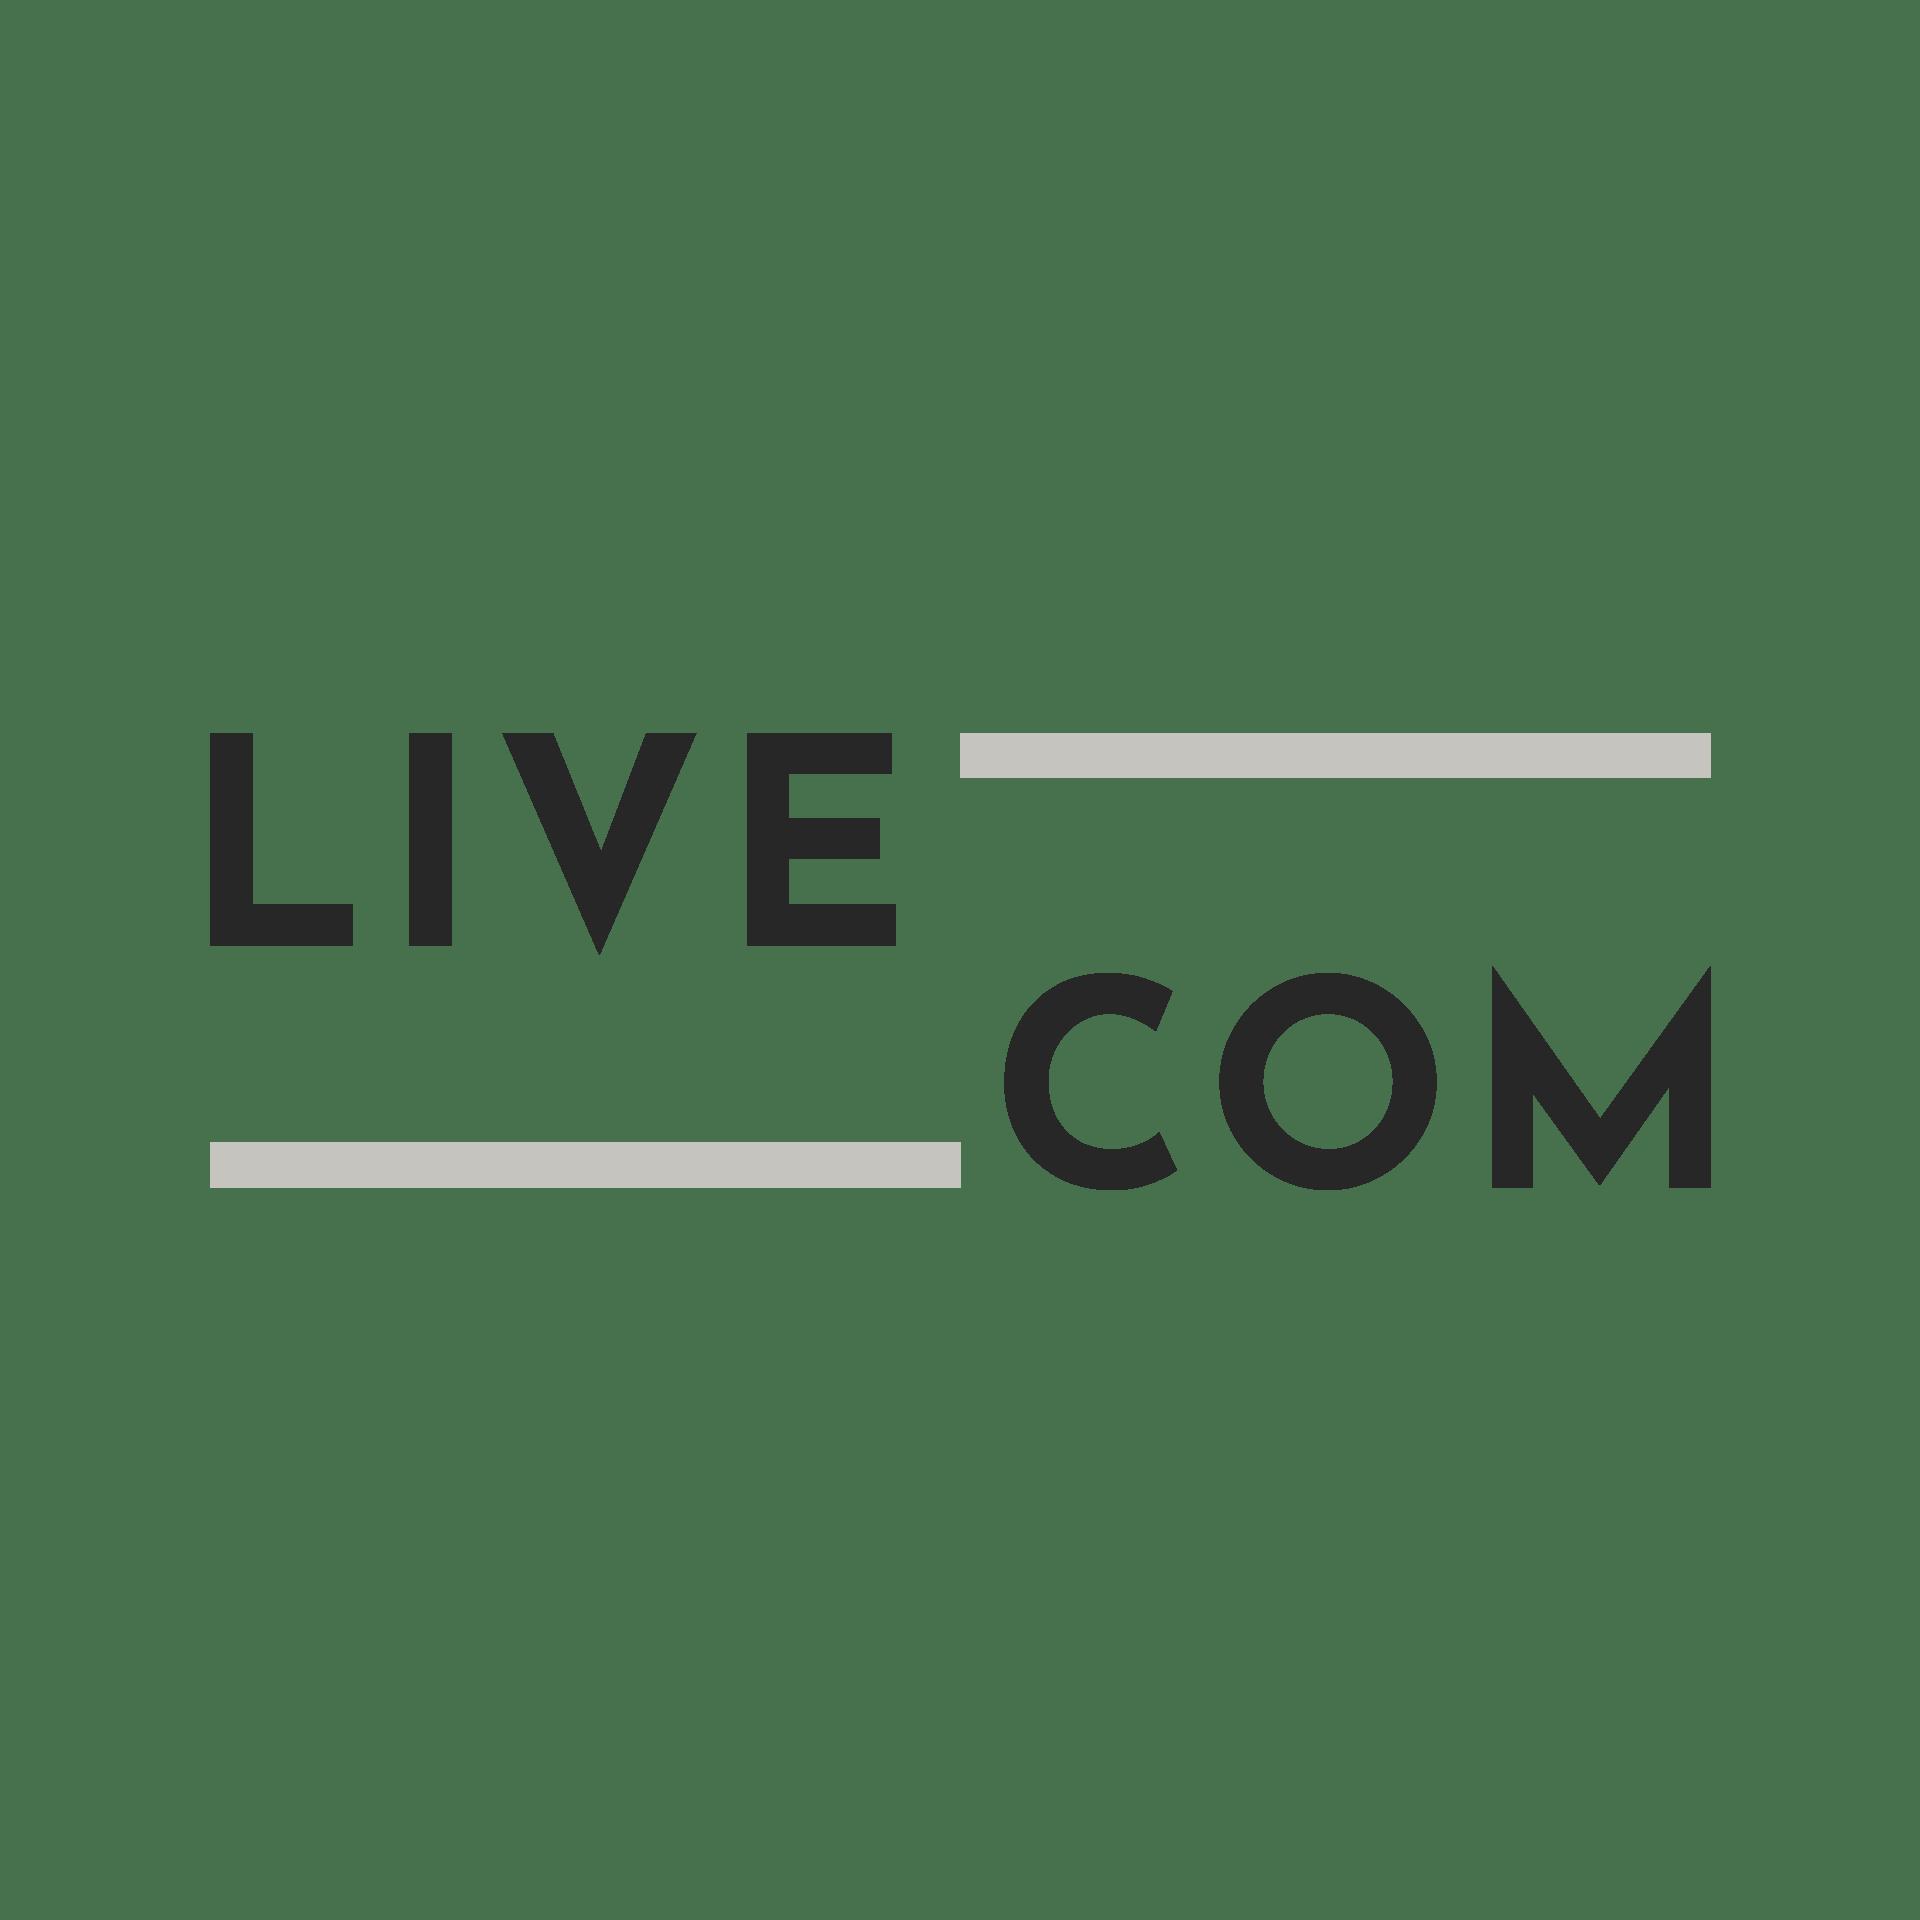 logo LIVECOM client i-media pour une communication digitale à rouen